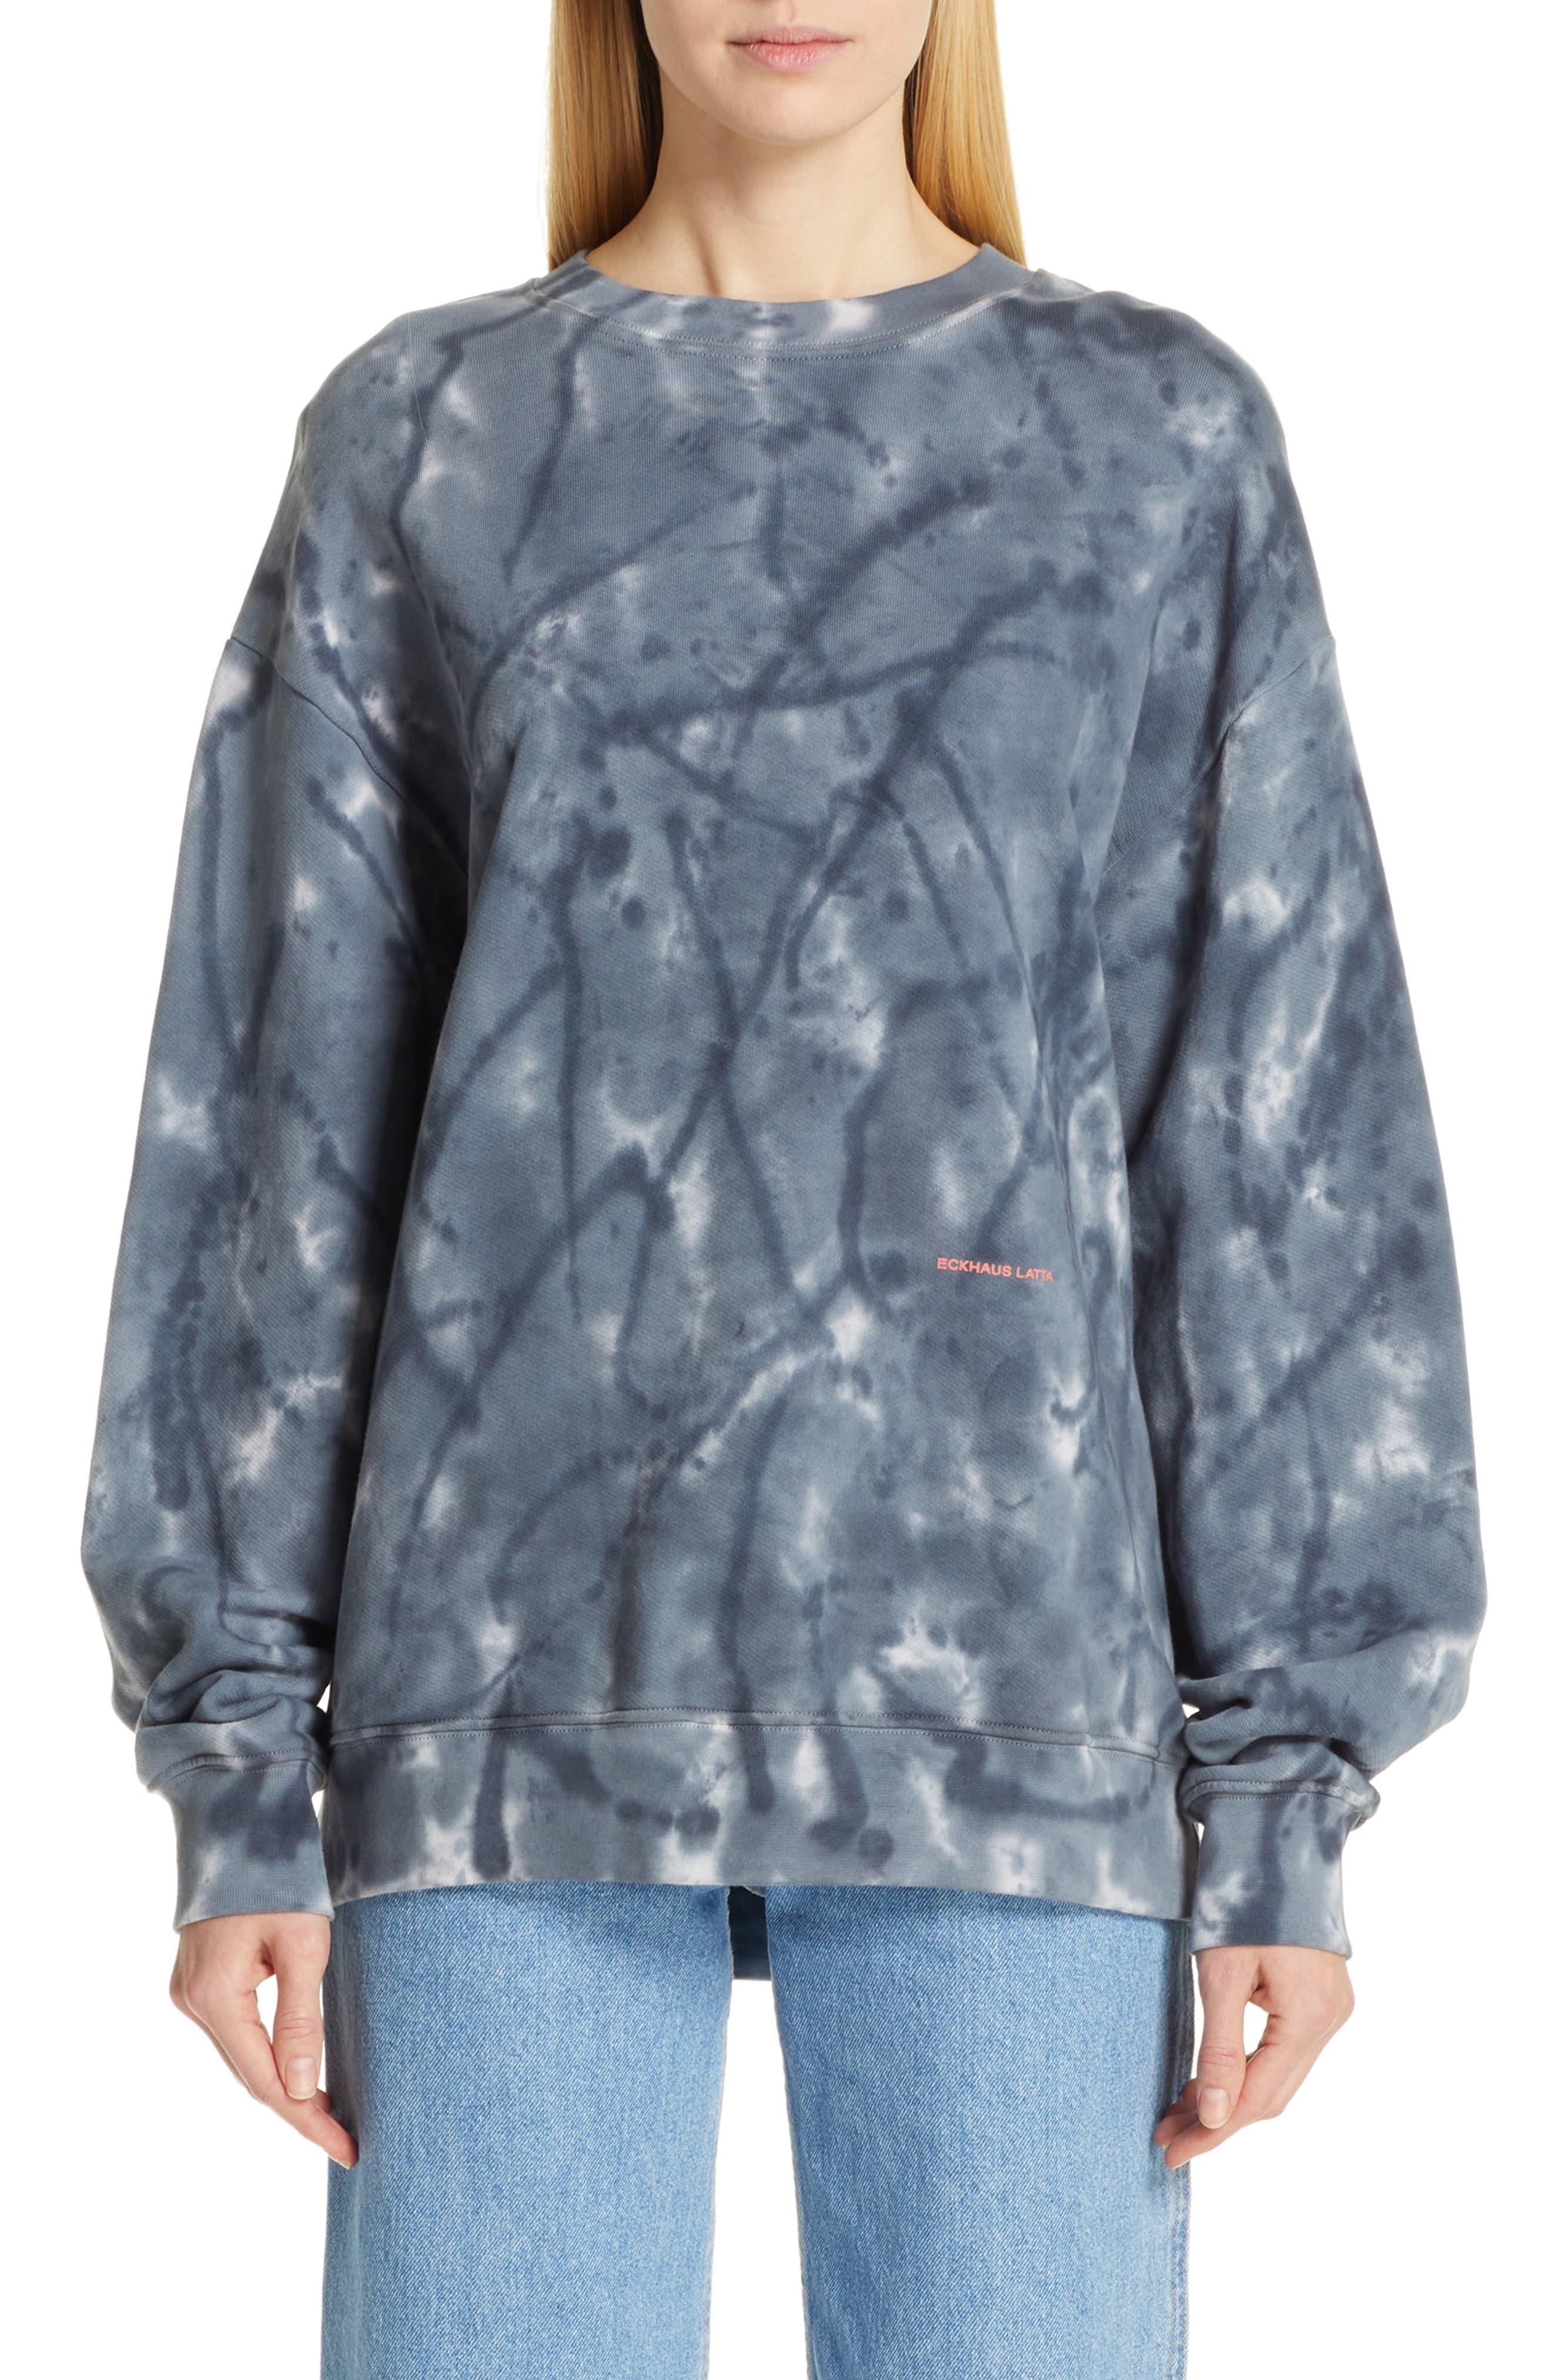 Eckhaus Latta Tie Dye Sweatshirt, Blue